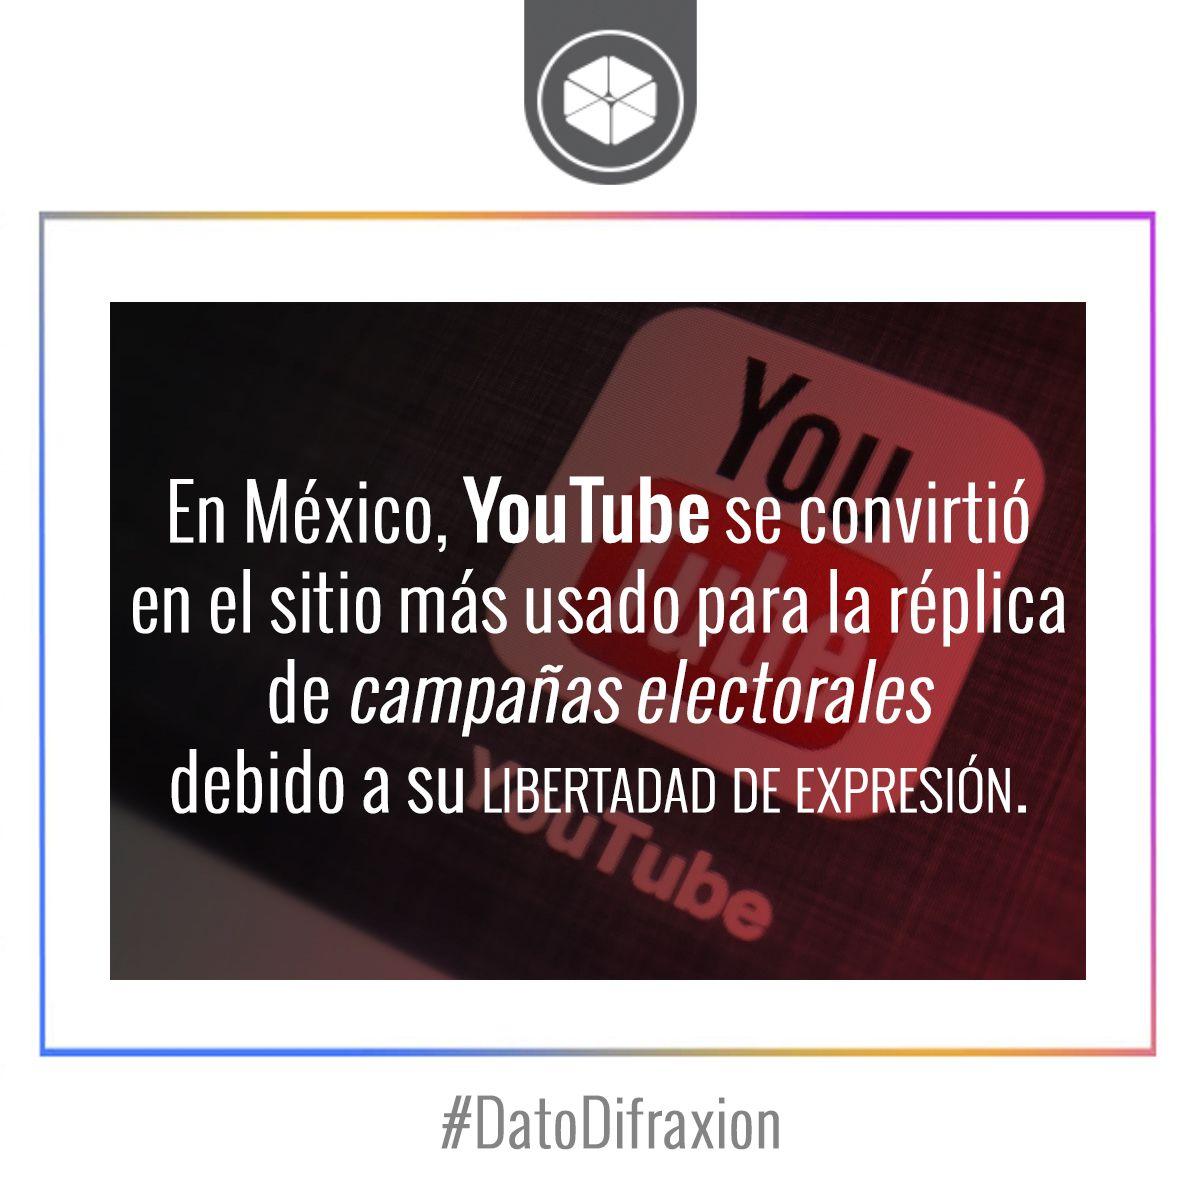 El feedback ha crecido en temas de #MarketingPolítico gracias a las RRSS. #YouTube #Marketing